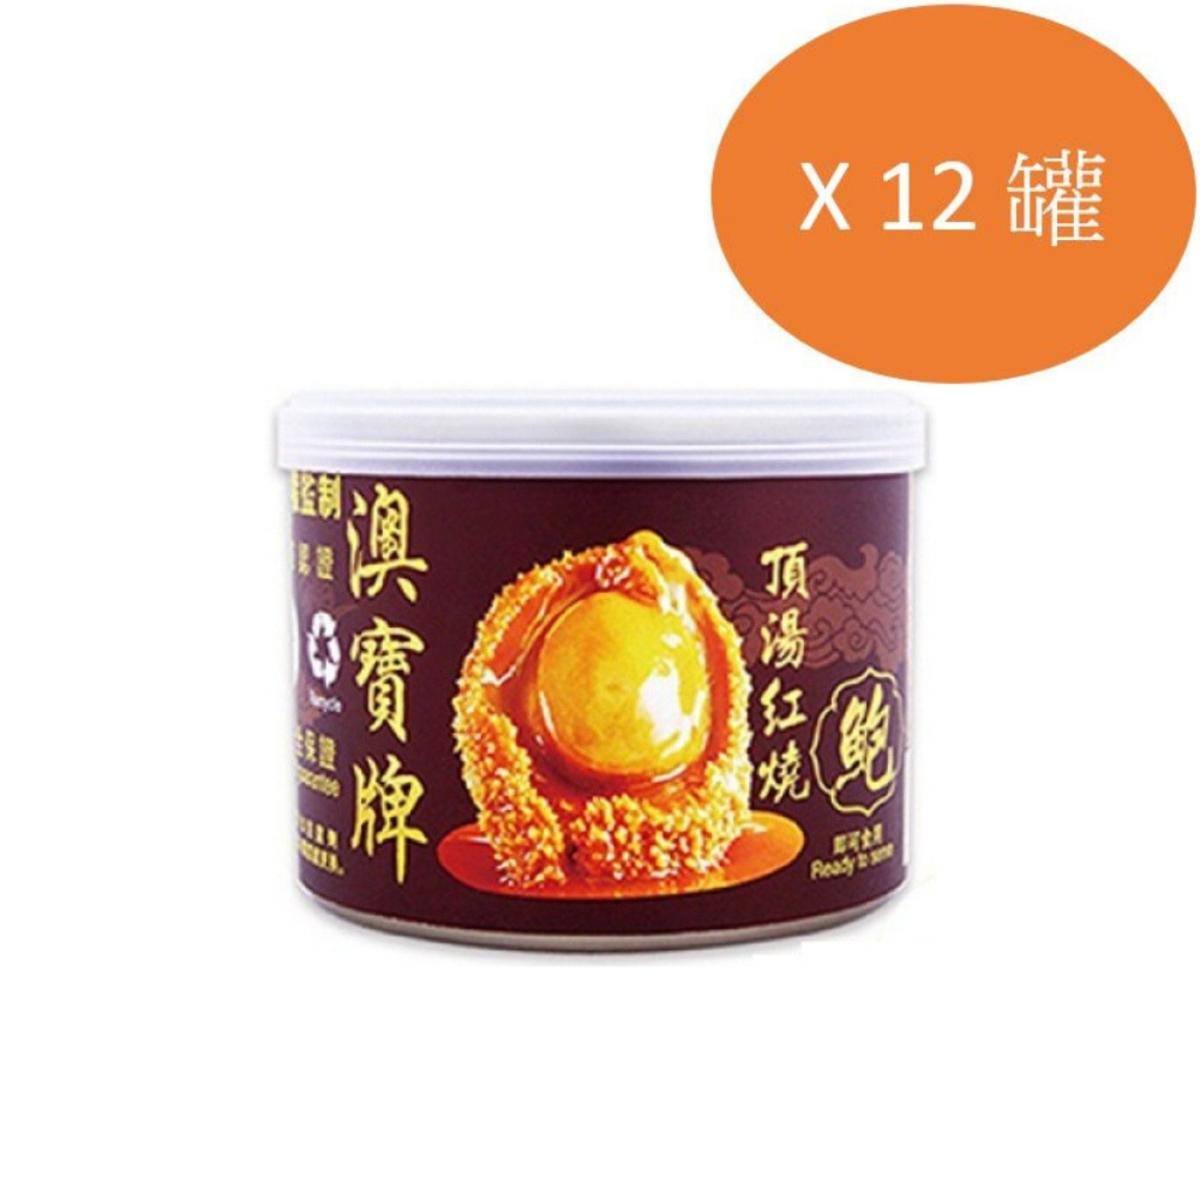 頂湯紅燒鮑魚 4頭 40g Q4 即食鮑魚 x 12罐優惠裝(平均一罐$51)